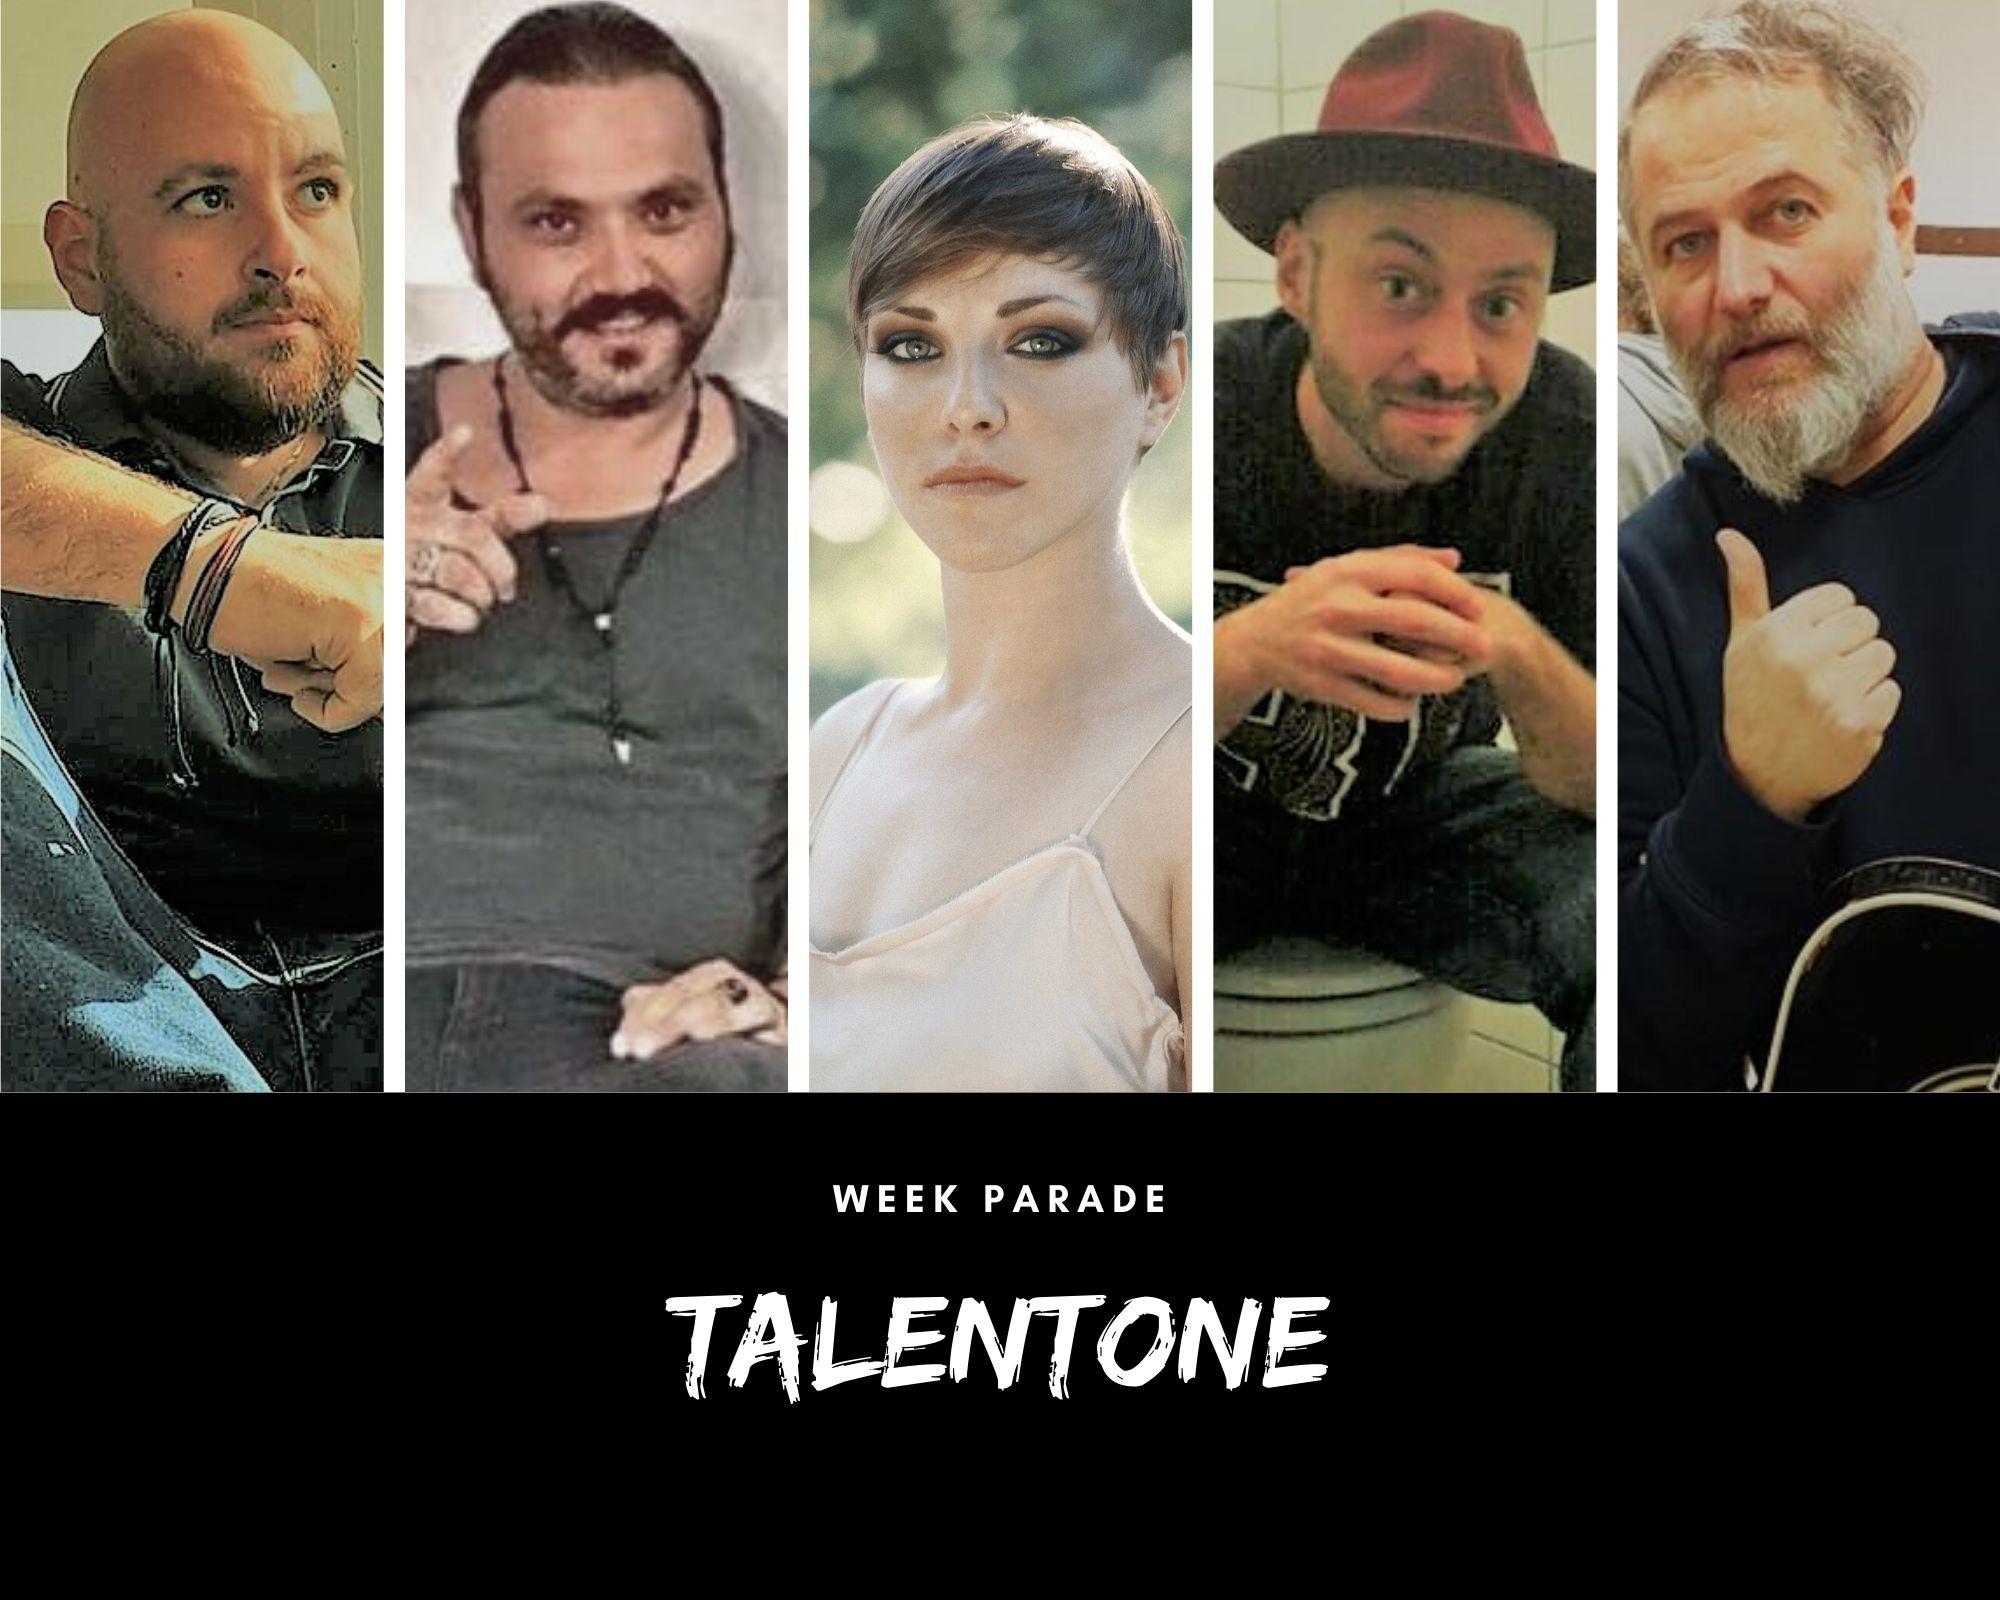 Rubrica, TALENTONE. Loredana Errore, Paolo Sessa, Federico Aicardi, Danilo Rusciano e i Magenta#9